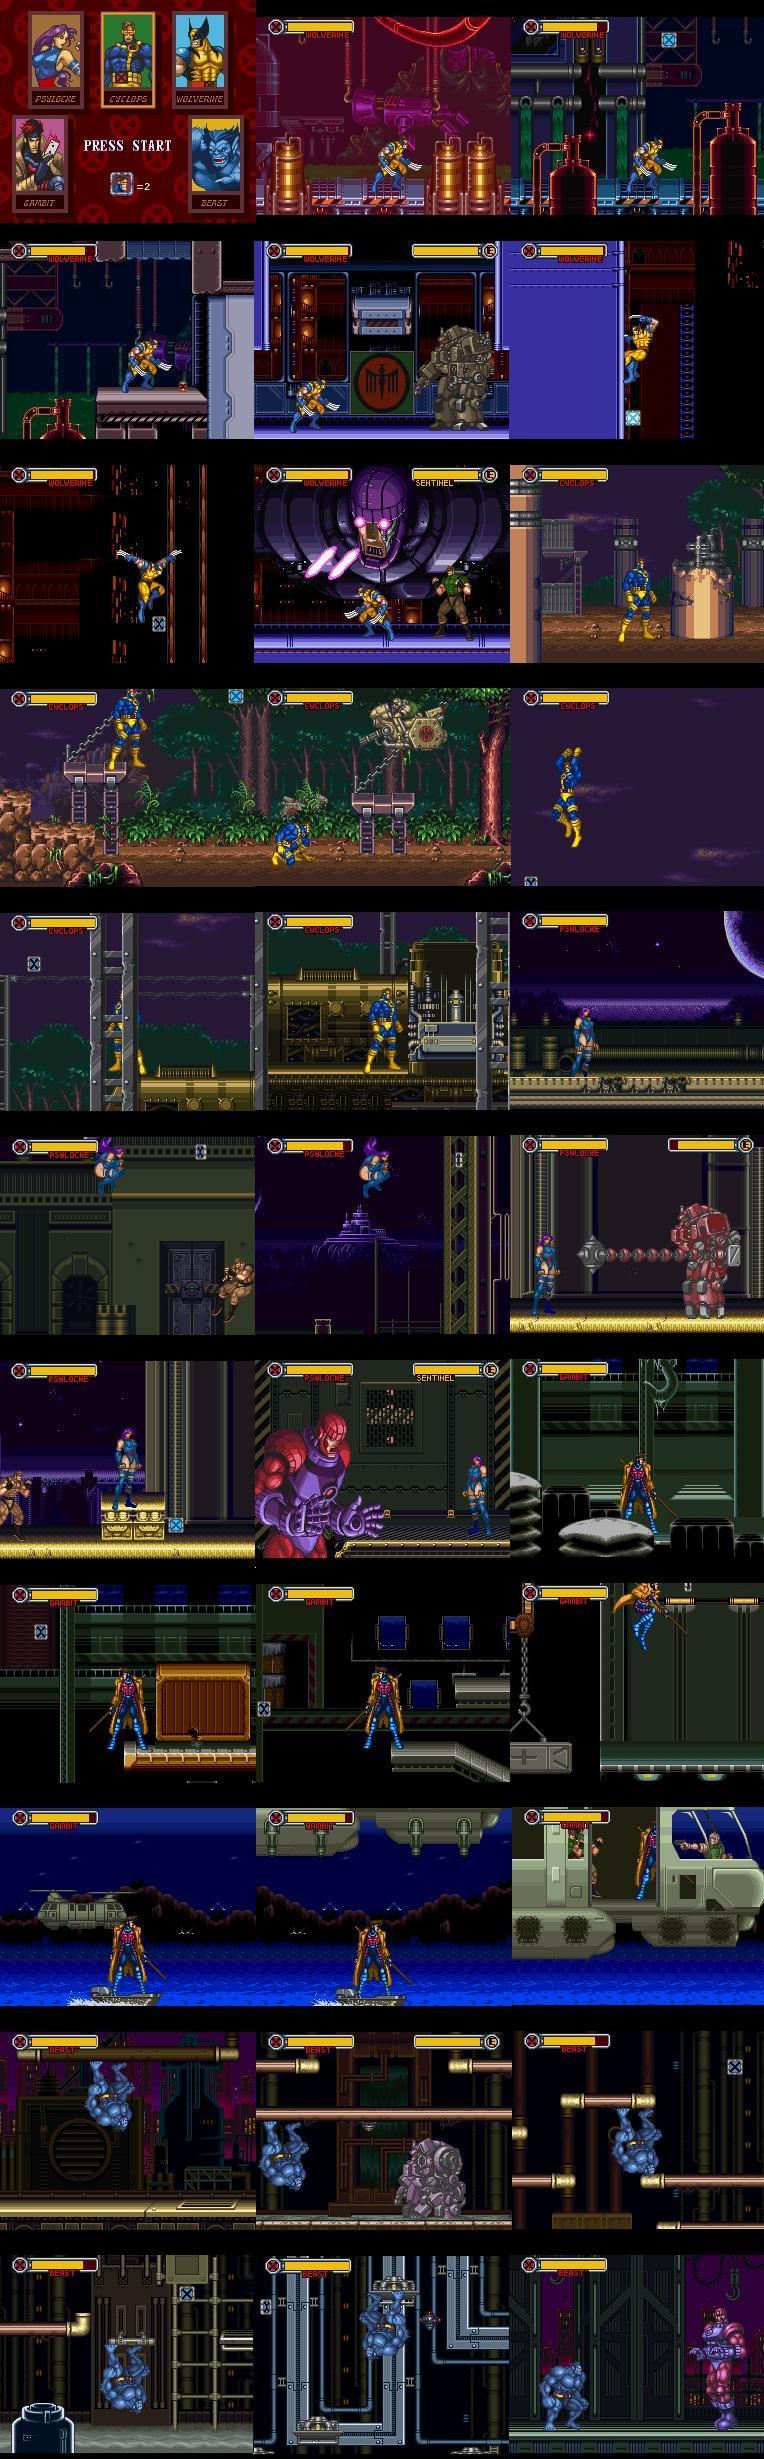 Wolverine, Cyclops, Psylocke, Gambit e Beast - Cada um possui uma missão própria.